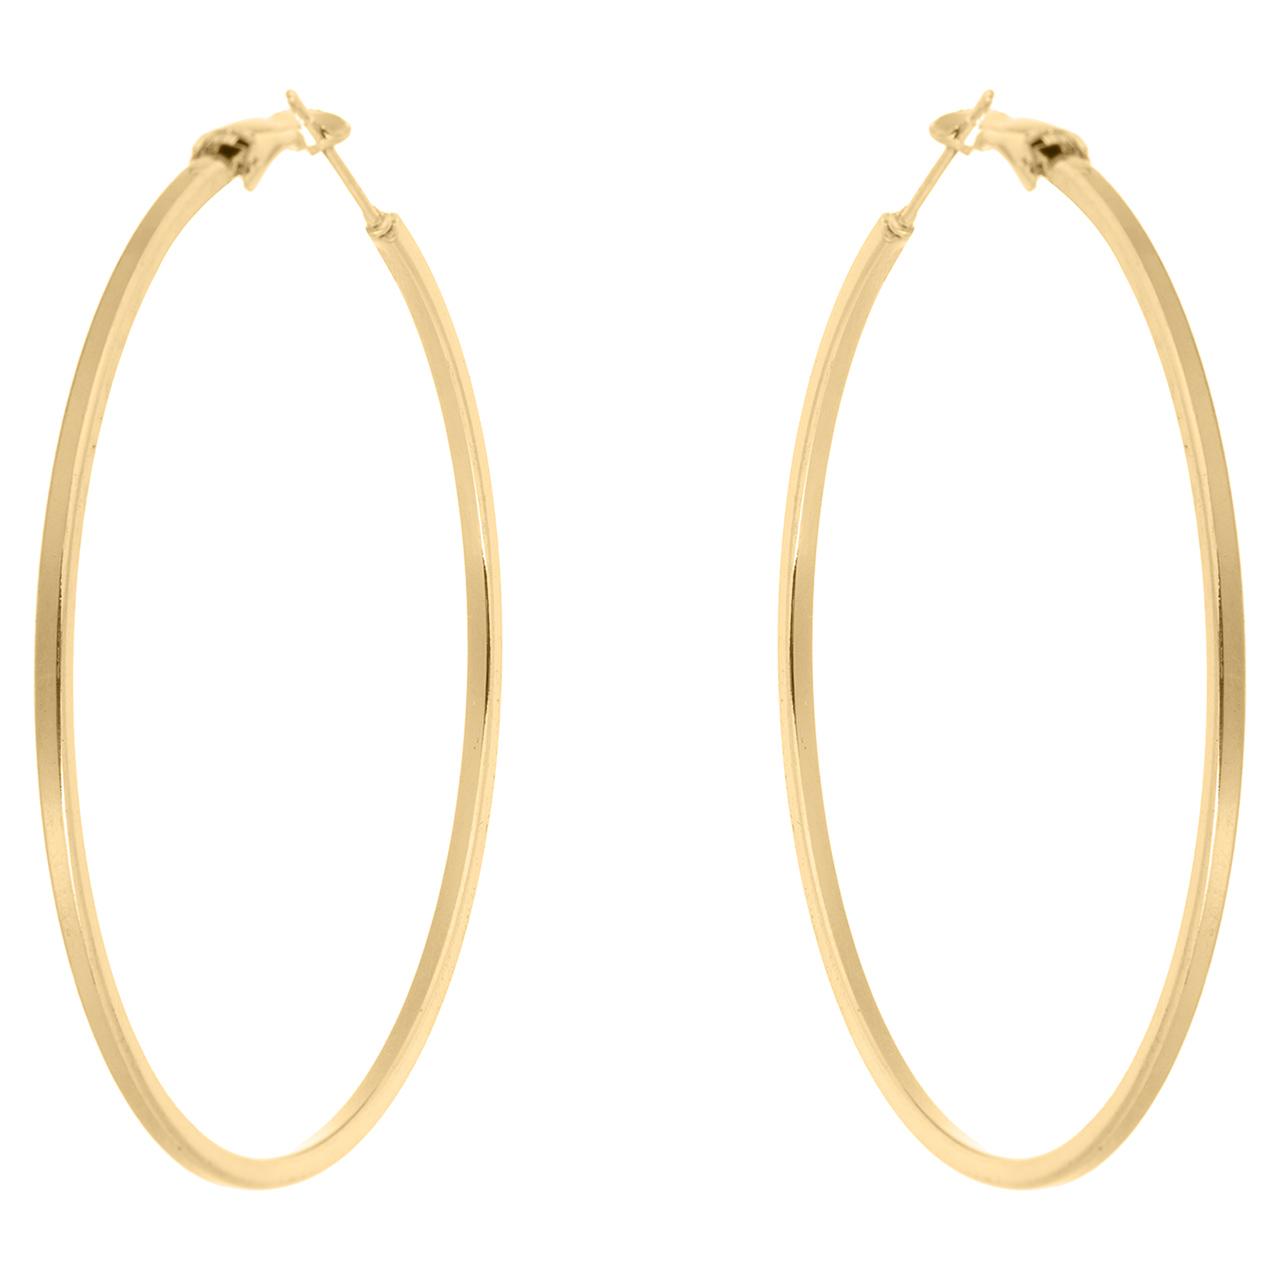 قیمت گوشواره حلقه ای استیل مارنا گالری مدل Big Gold